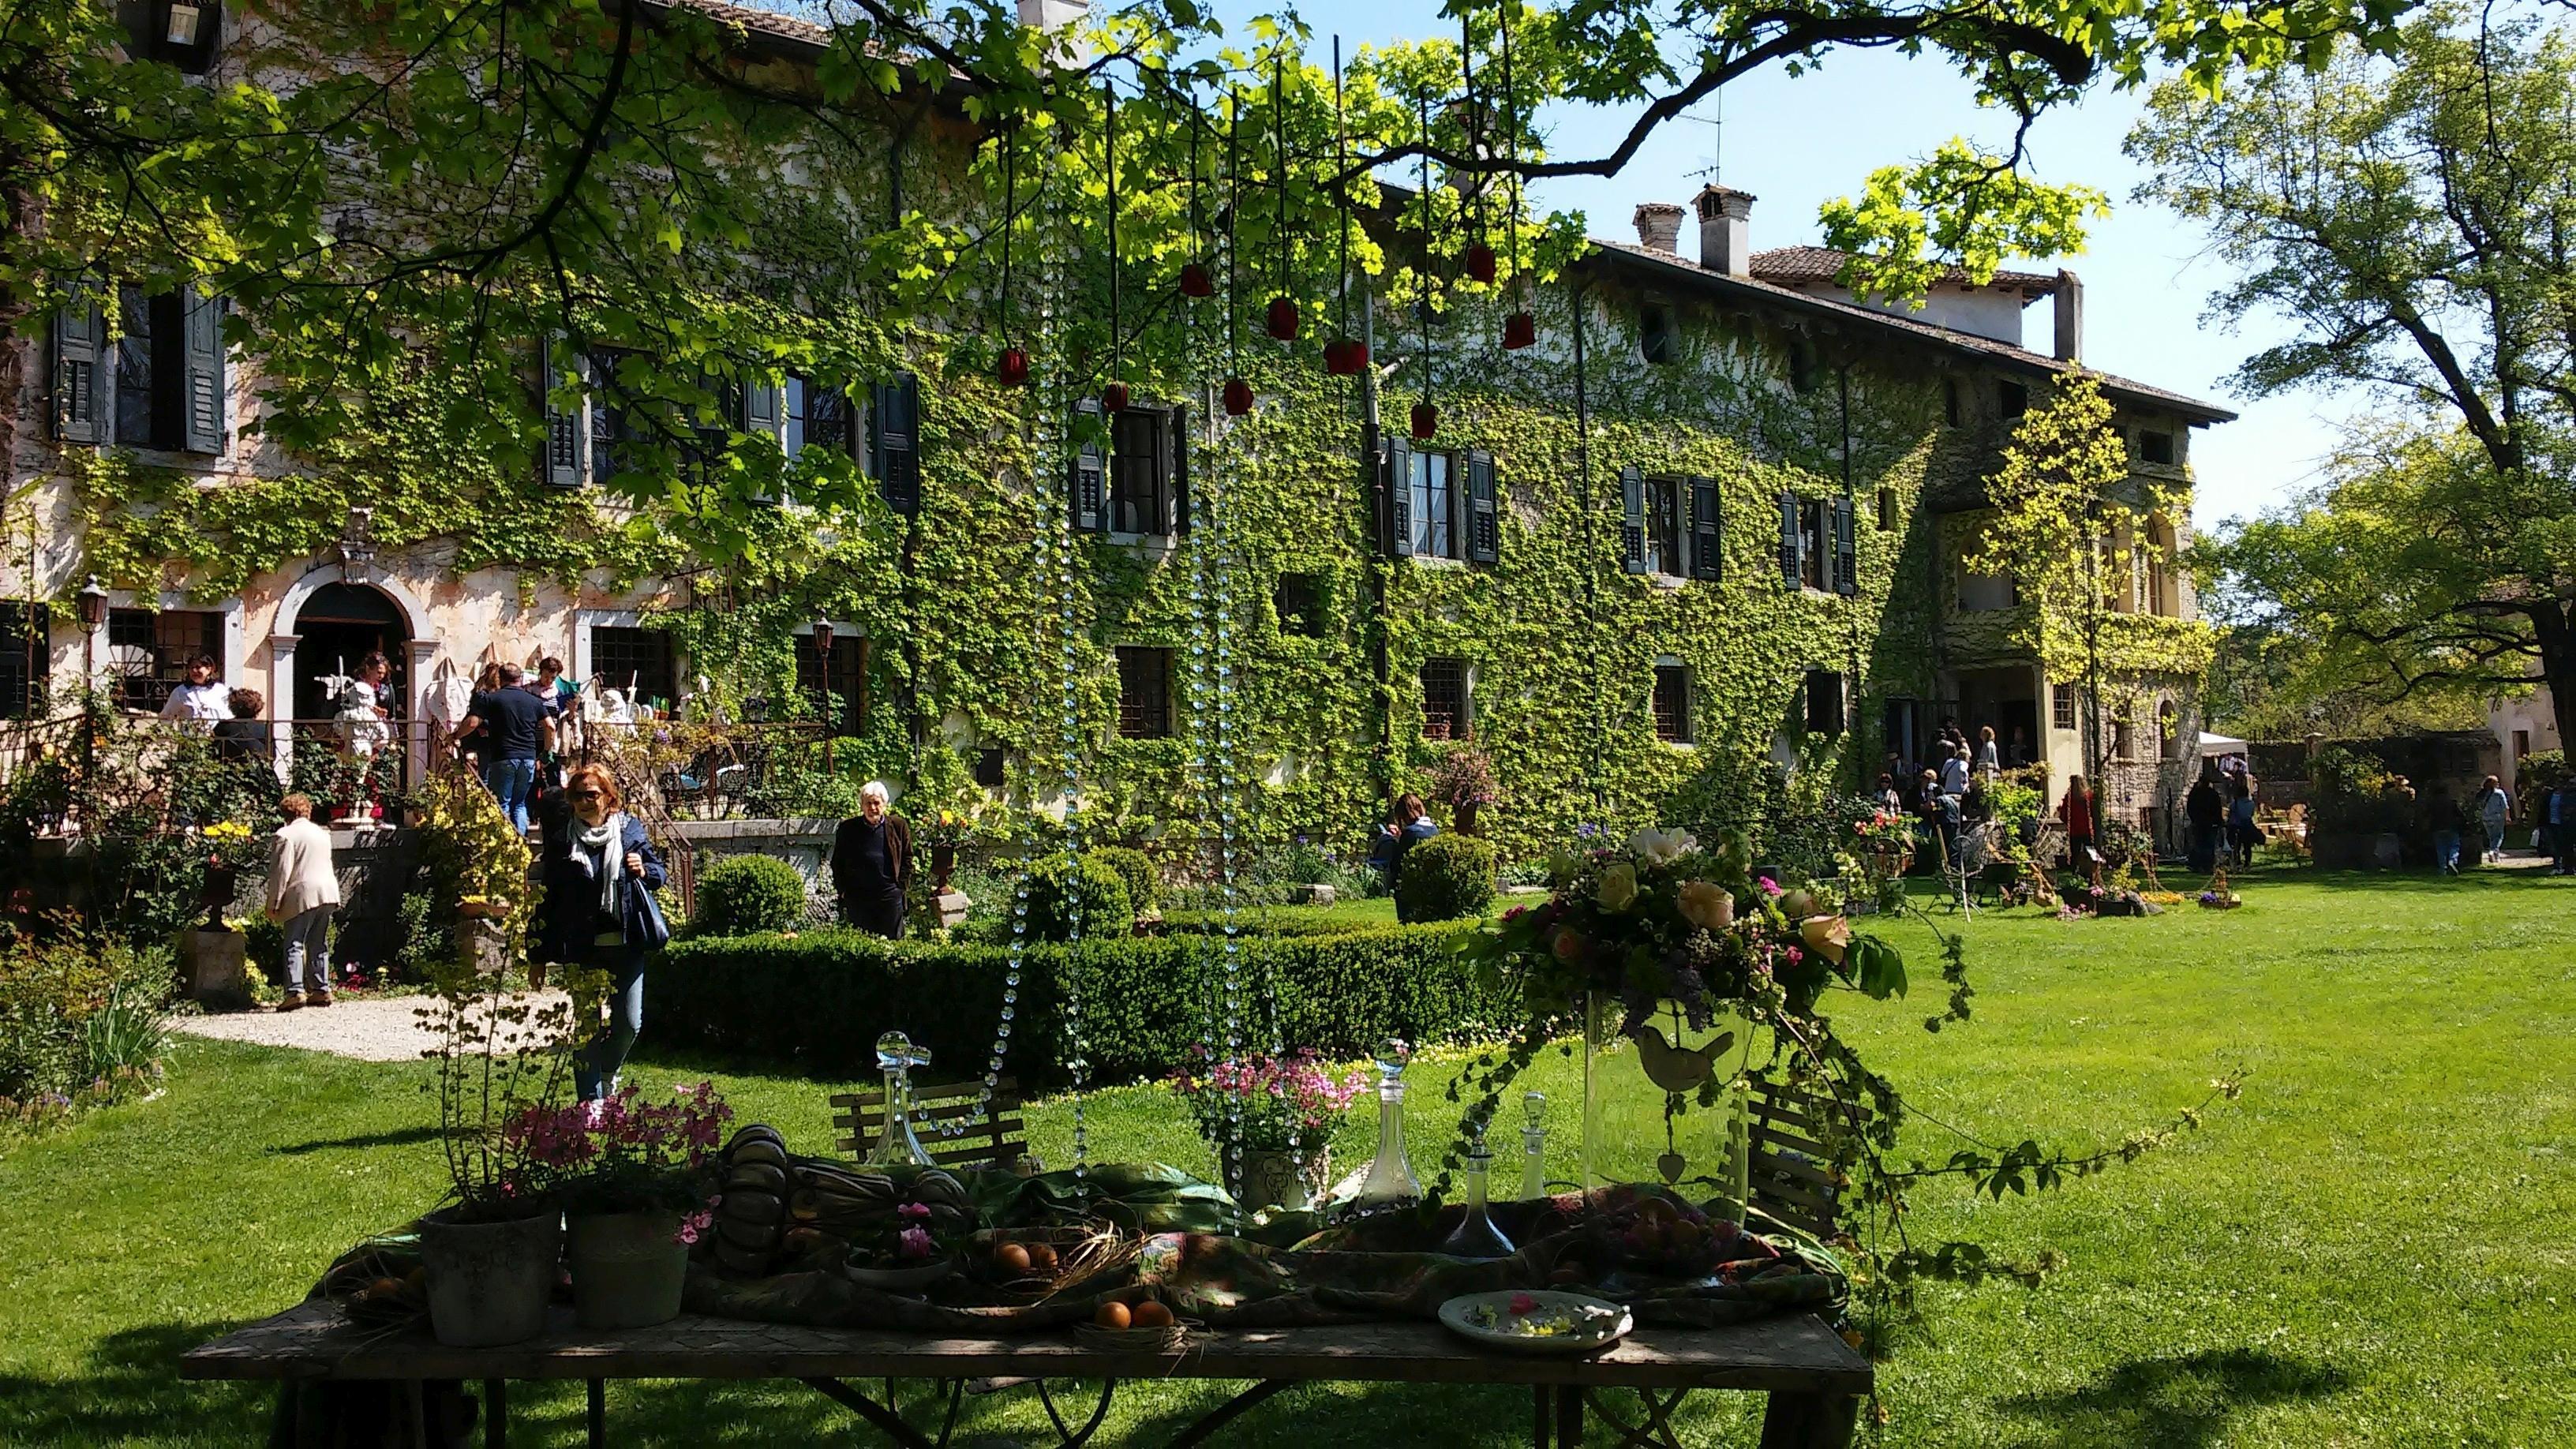 Fiori acque e castelli 2018 giovani genitori - Fiori da giardino primavera estate ...